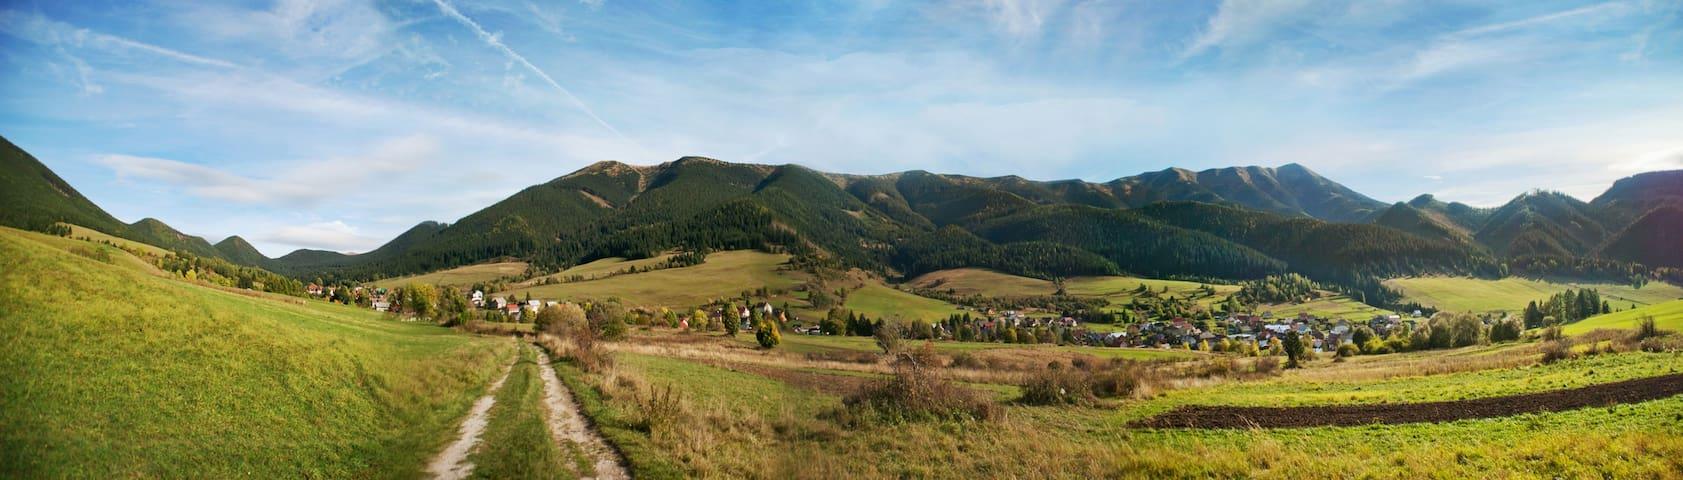 Pension II in the beautiful countryside of Liptov.